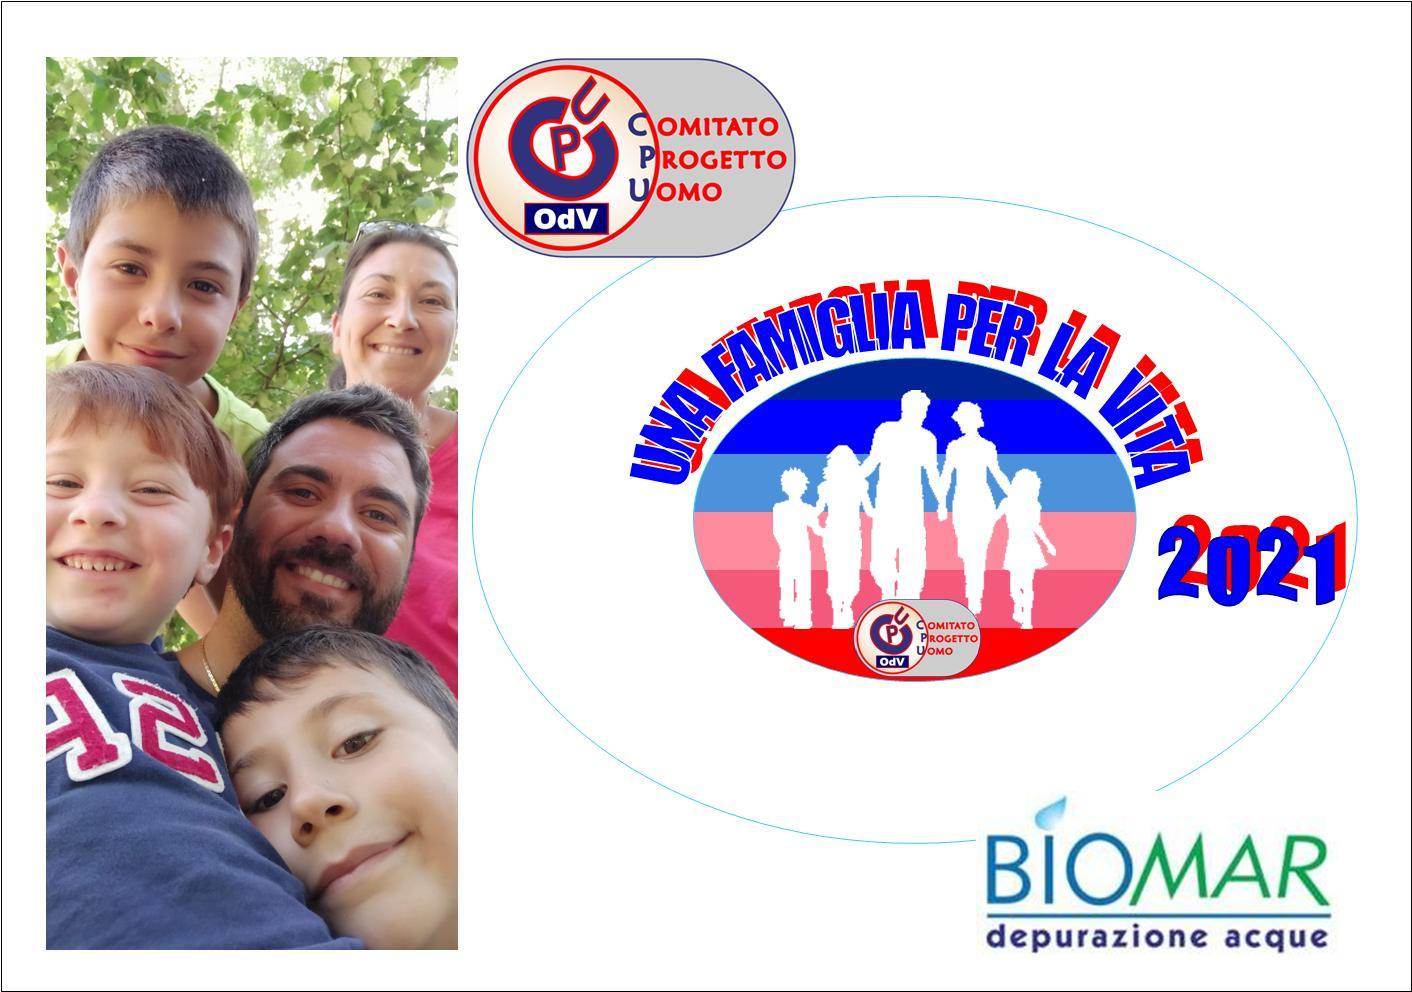 """""""Una famiglia per la vita"""", la nuova iniziativa del Comitato Progetto Uomo"""